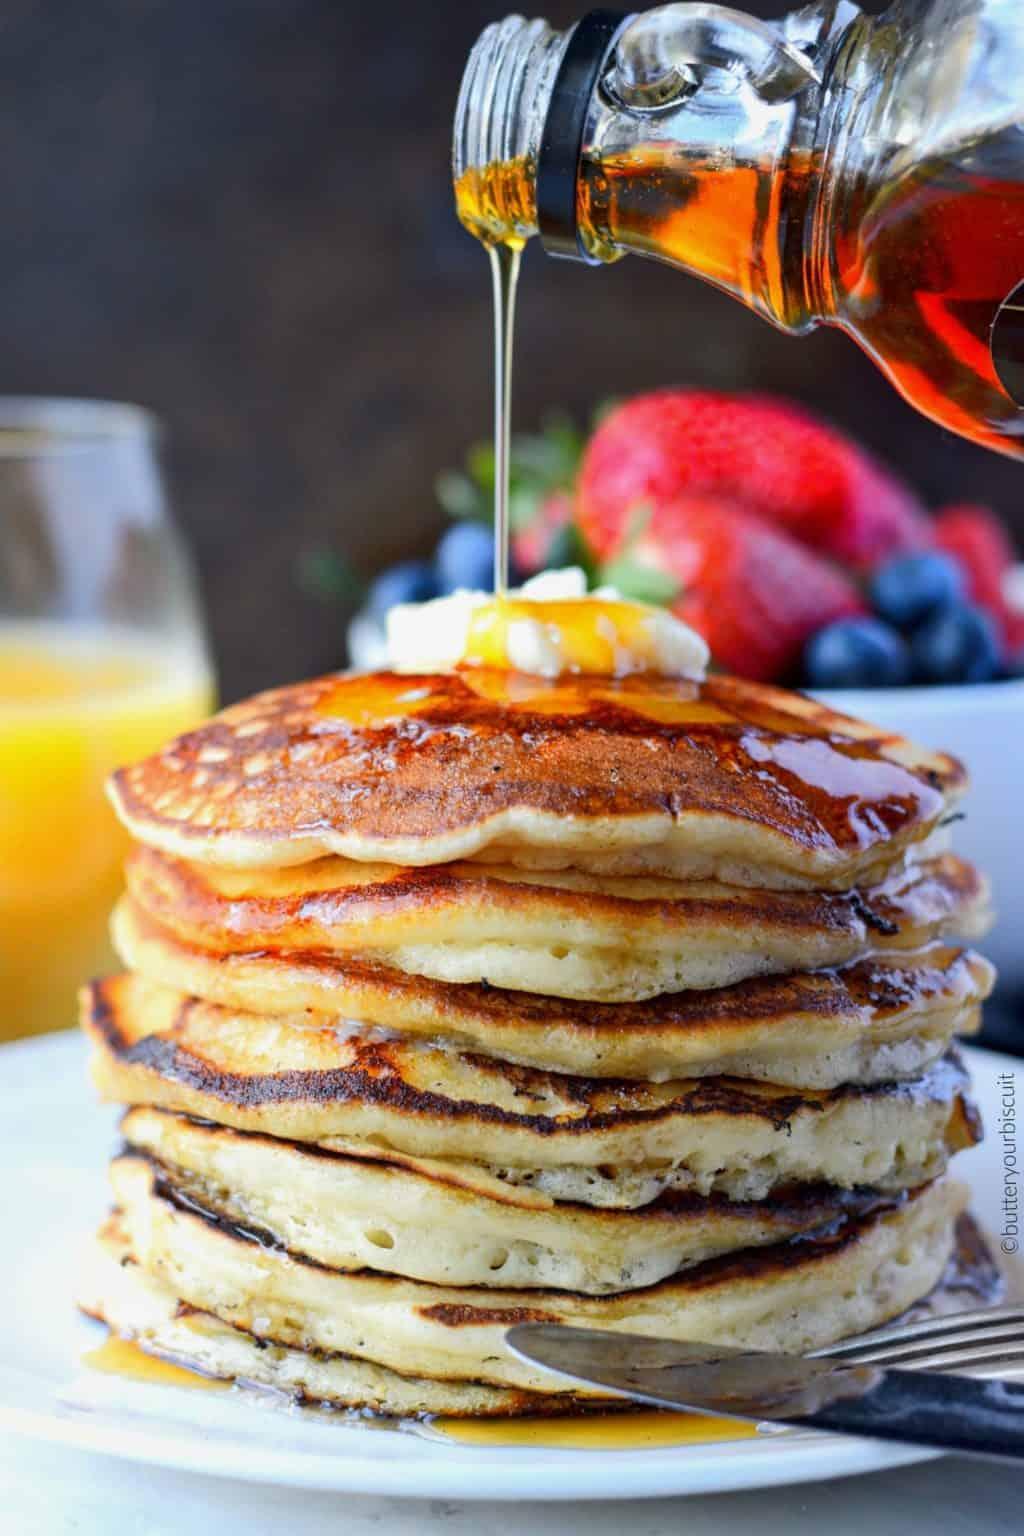 IHOP Copycat Pancakes Recipe-Butter Your Biscuit